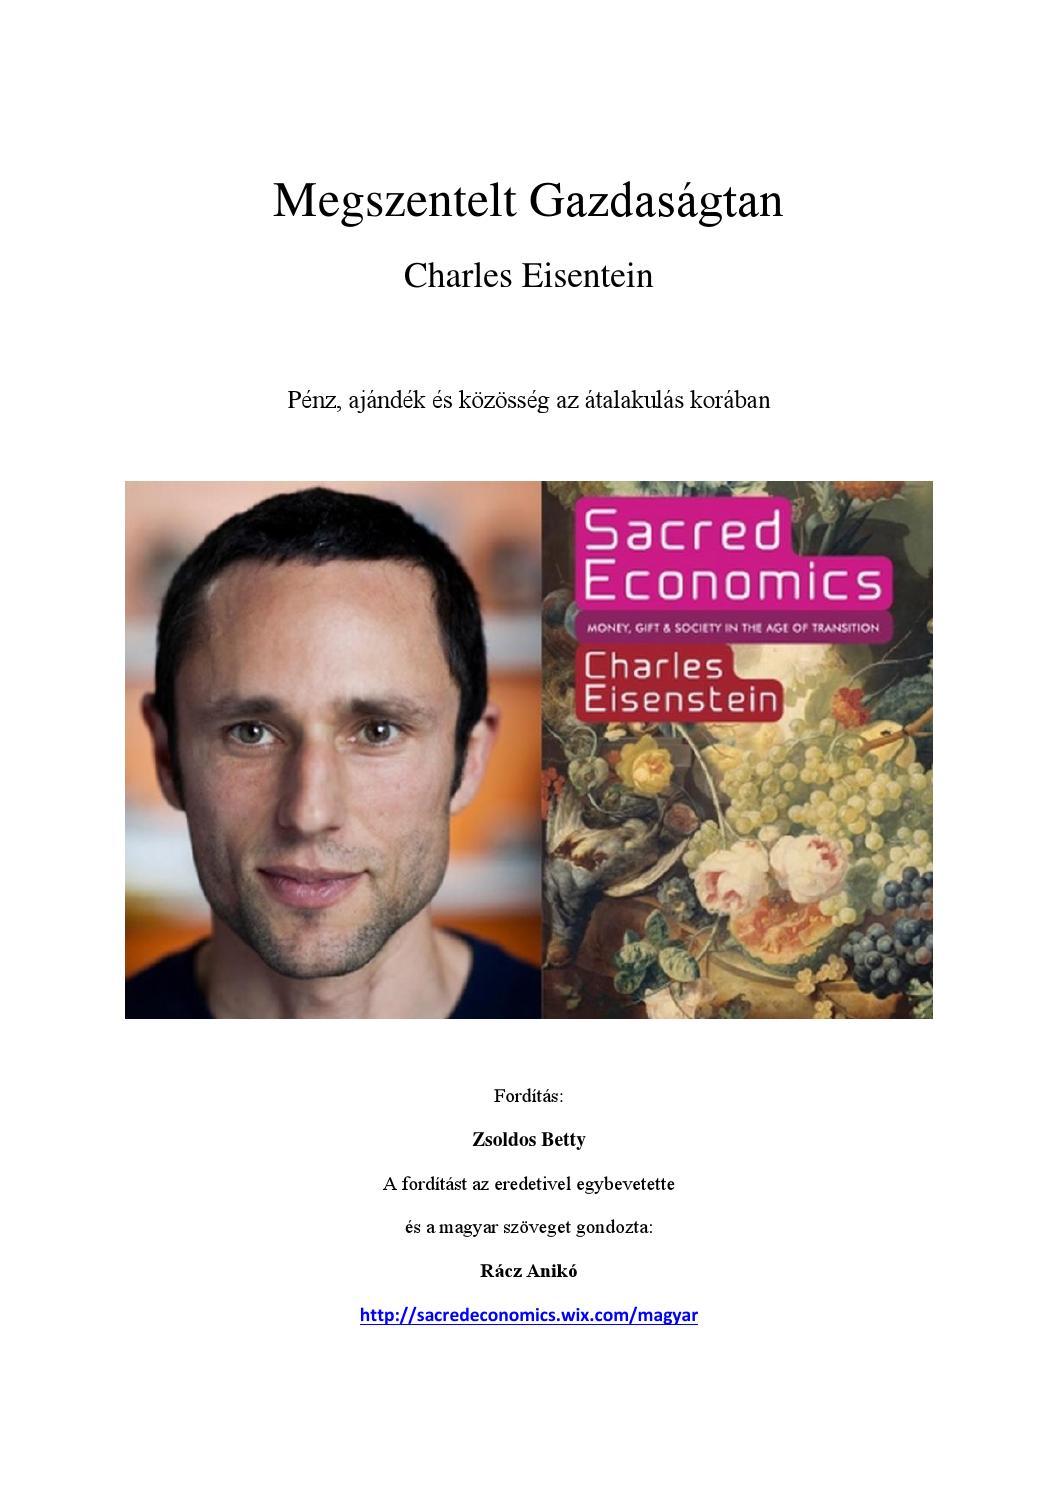 adósság fogyás közgazdaságtan